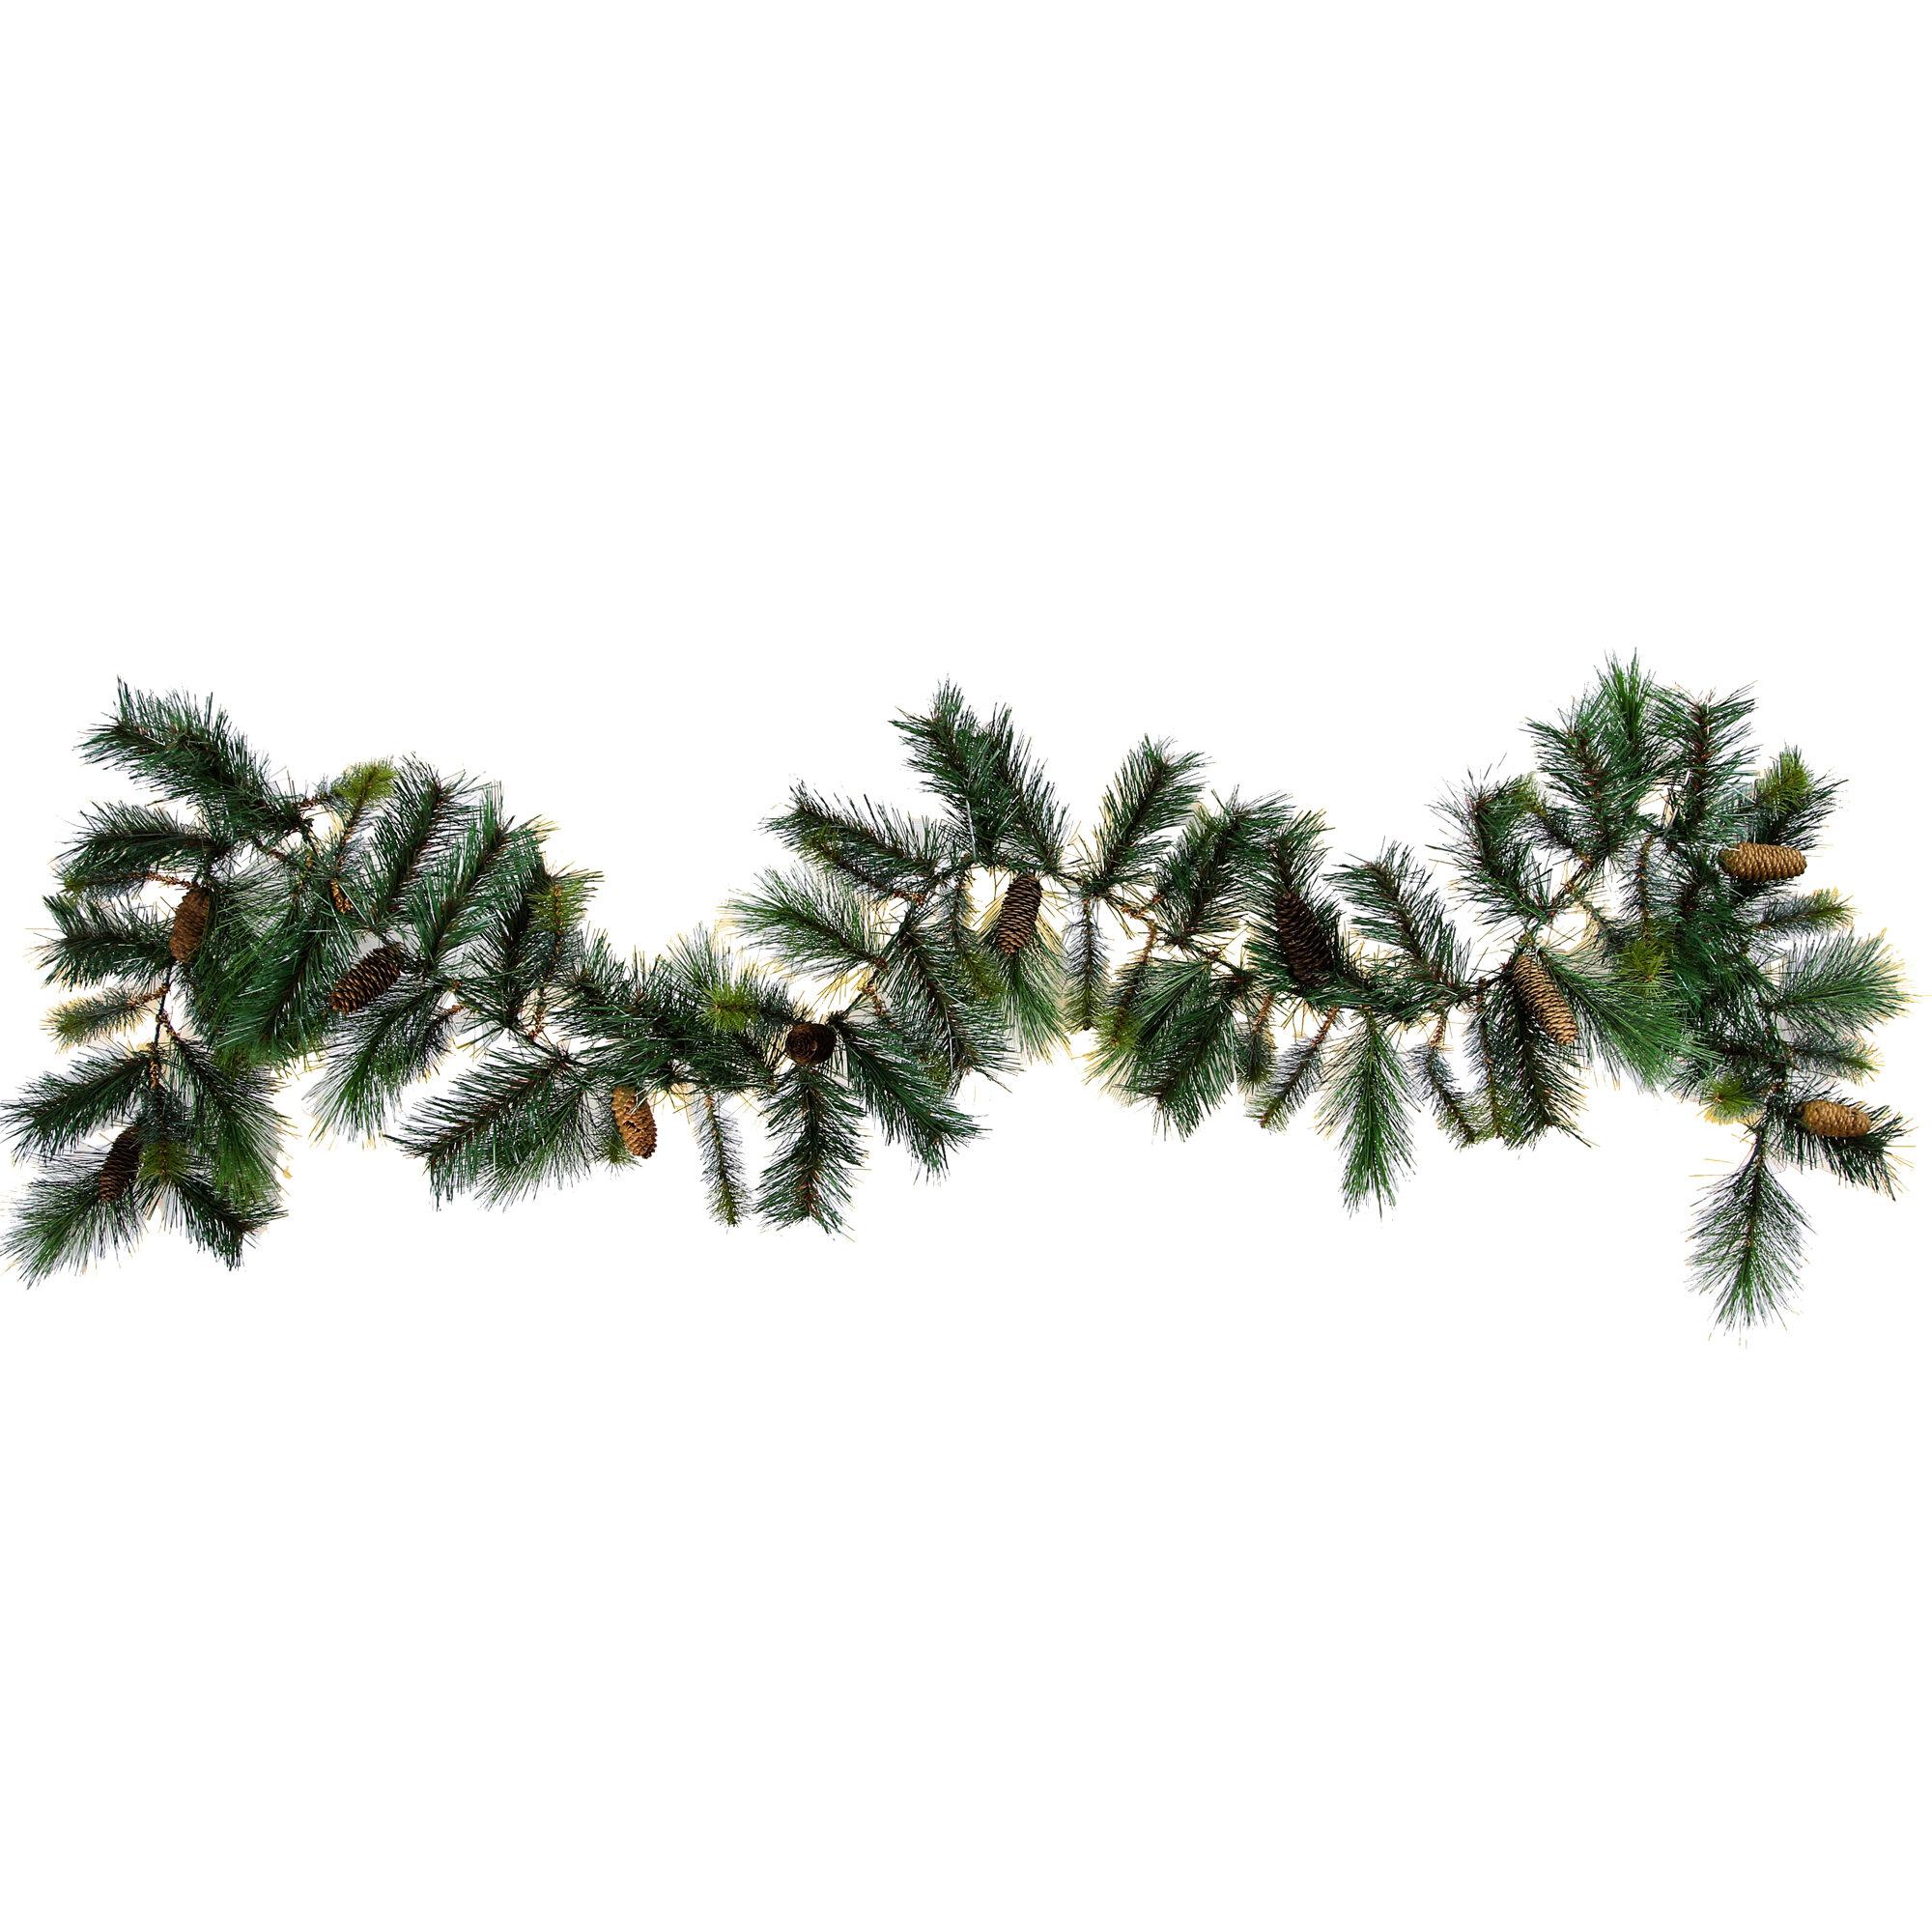 Christmas Pine Garland.Christmas Pine Garland Natural Pine Cone